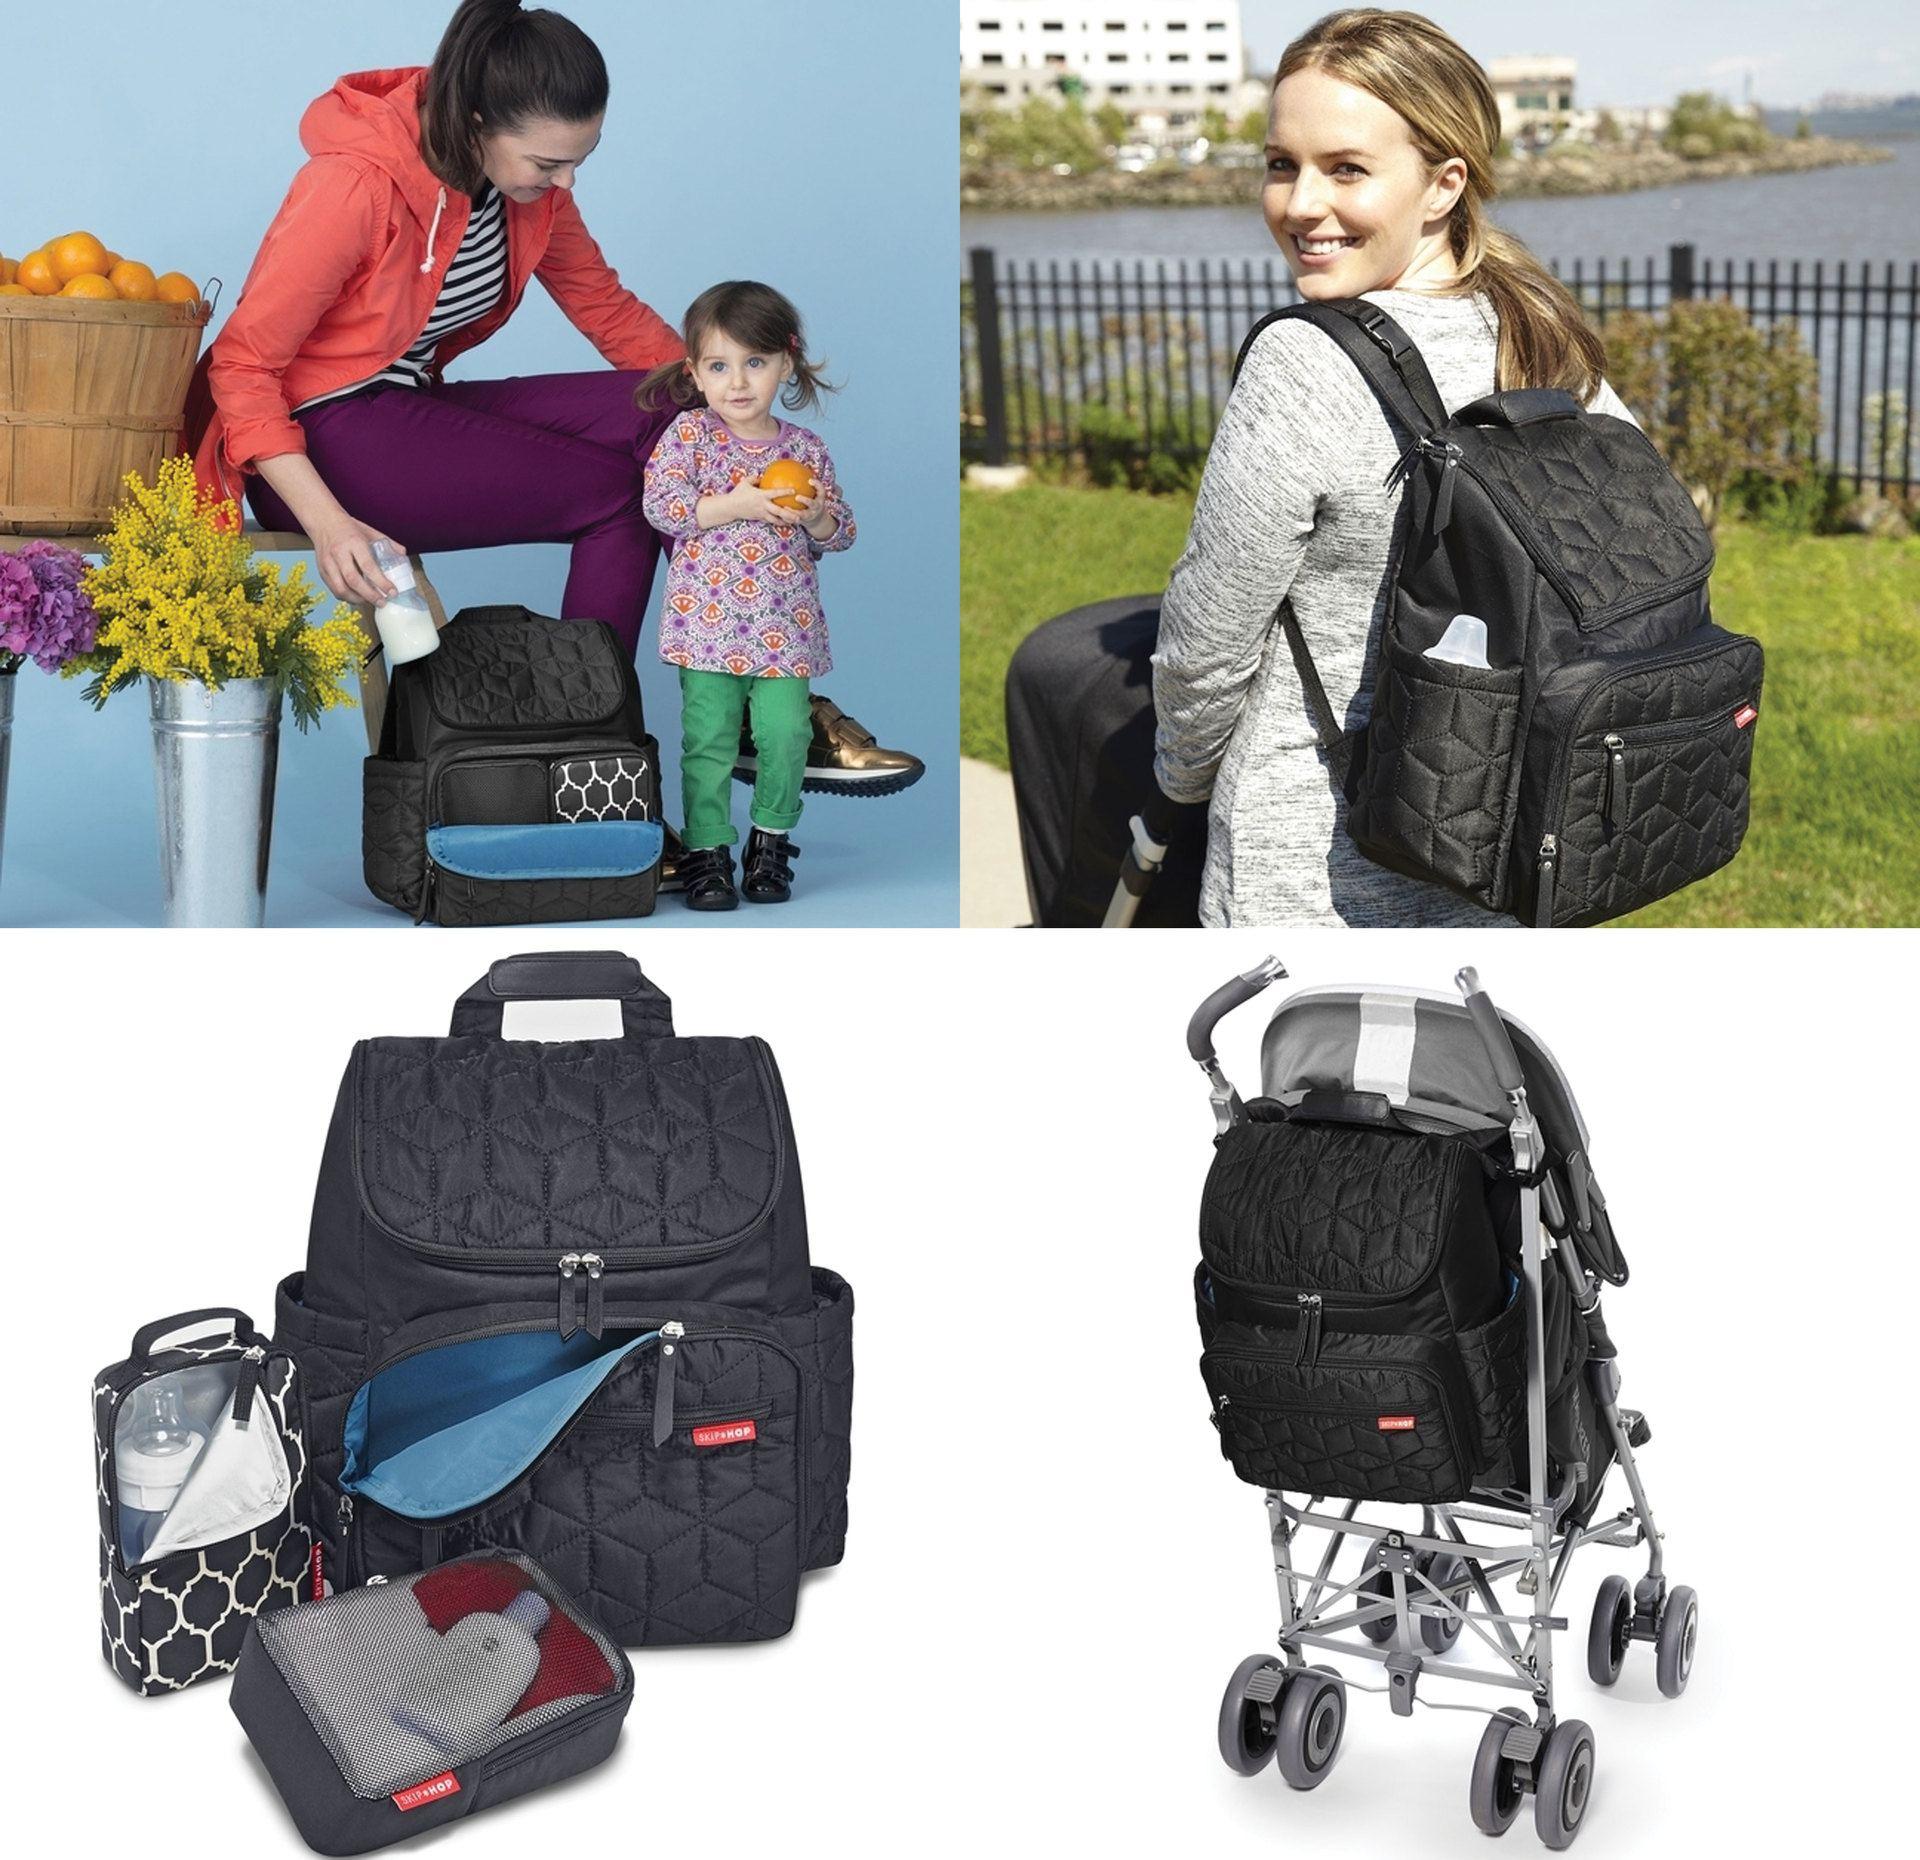 plecak-rodzinny-plecak-dla-mamy-plecak-torba-plecak-dla-taty